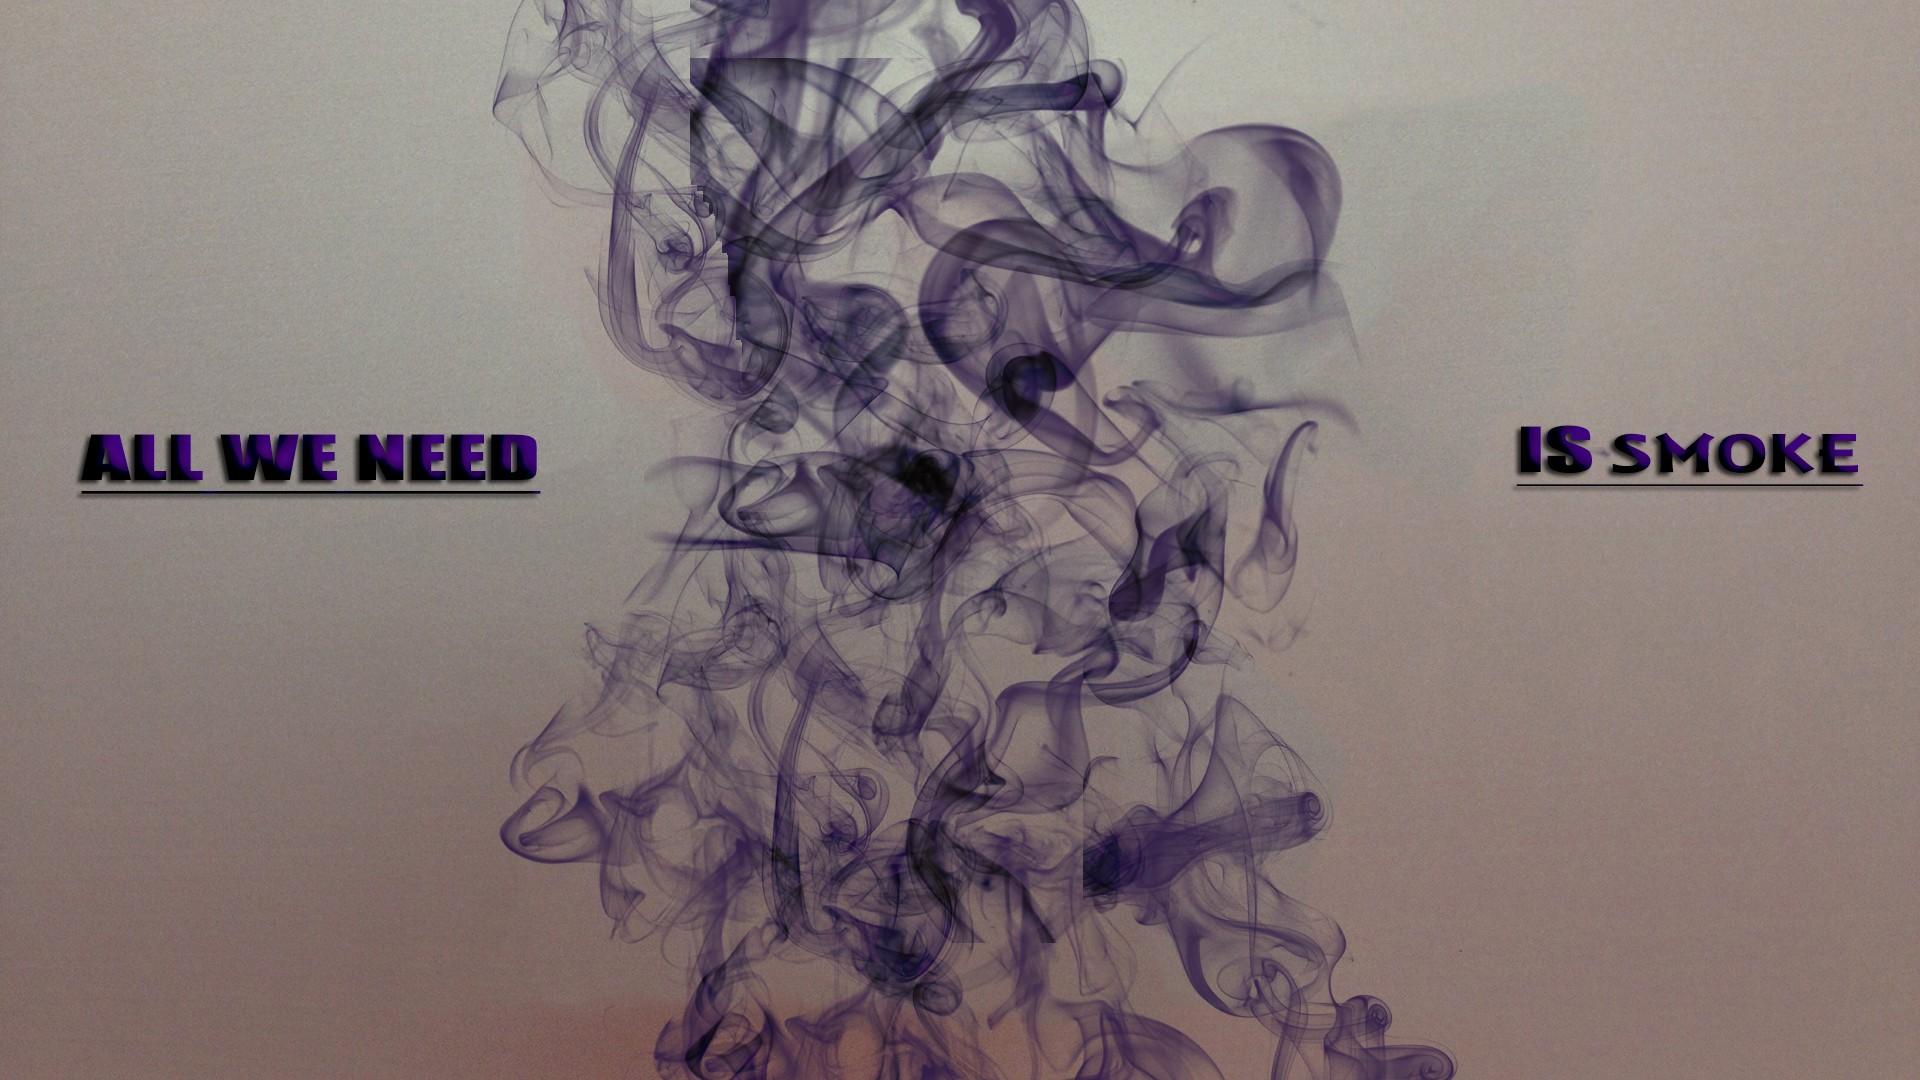 Wallpaper Gambar Lukisan Ilustrasi Minimalis Ungu Merokok